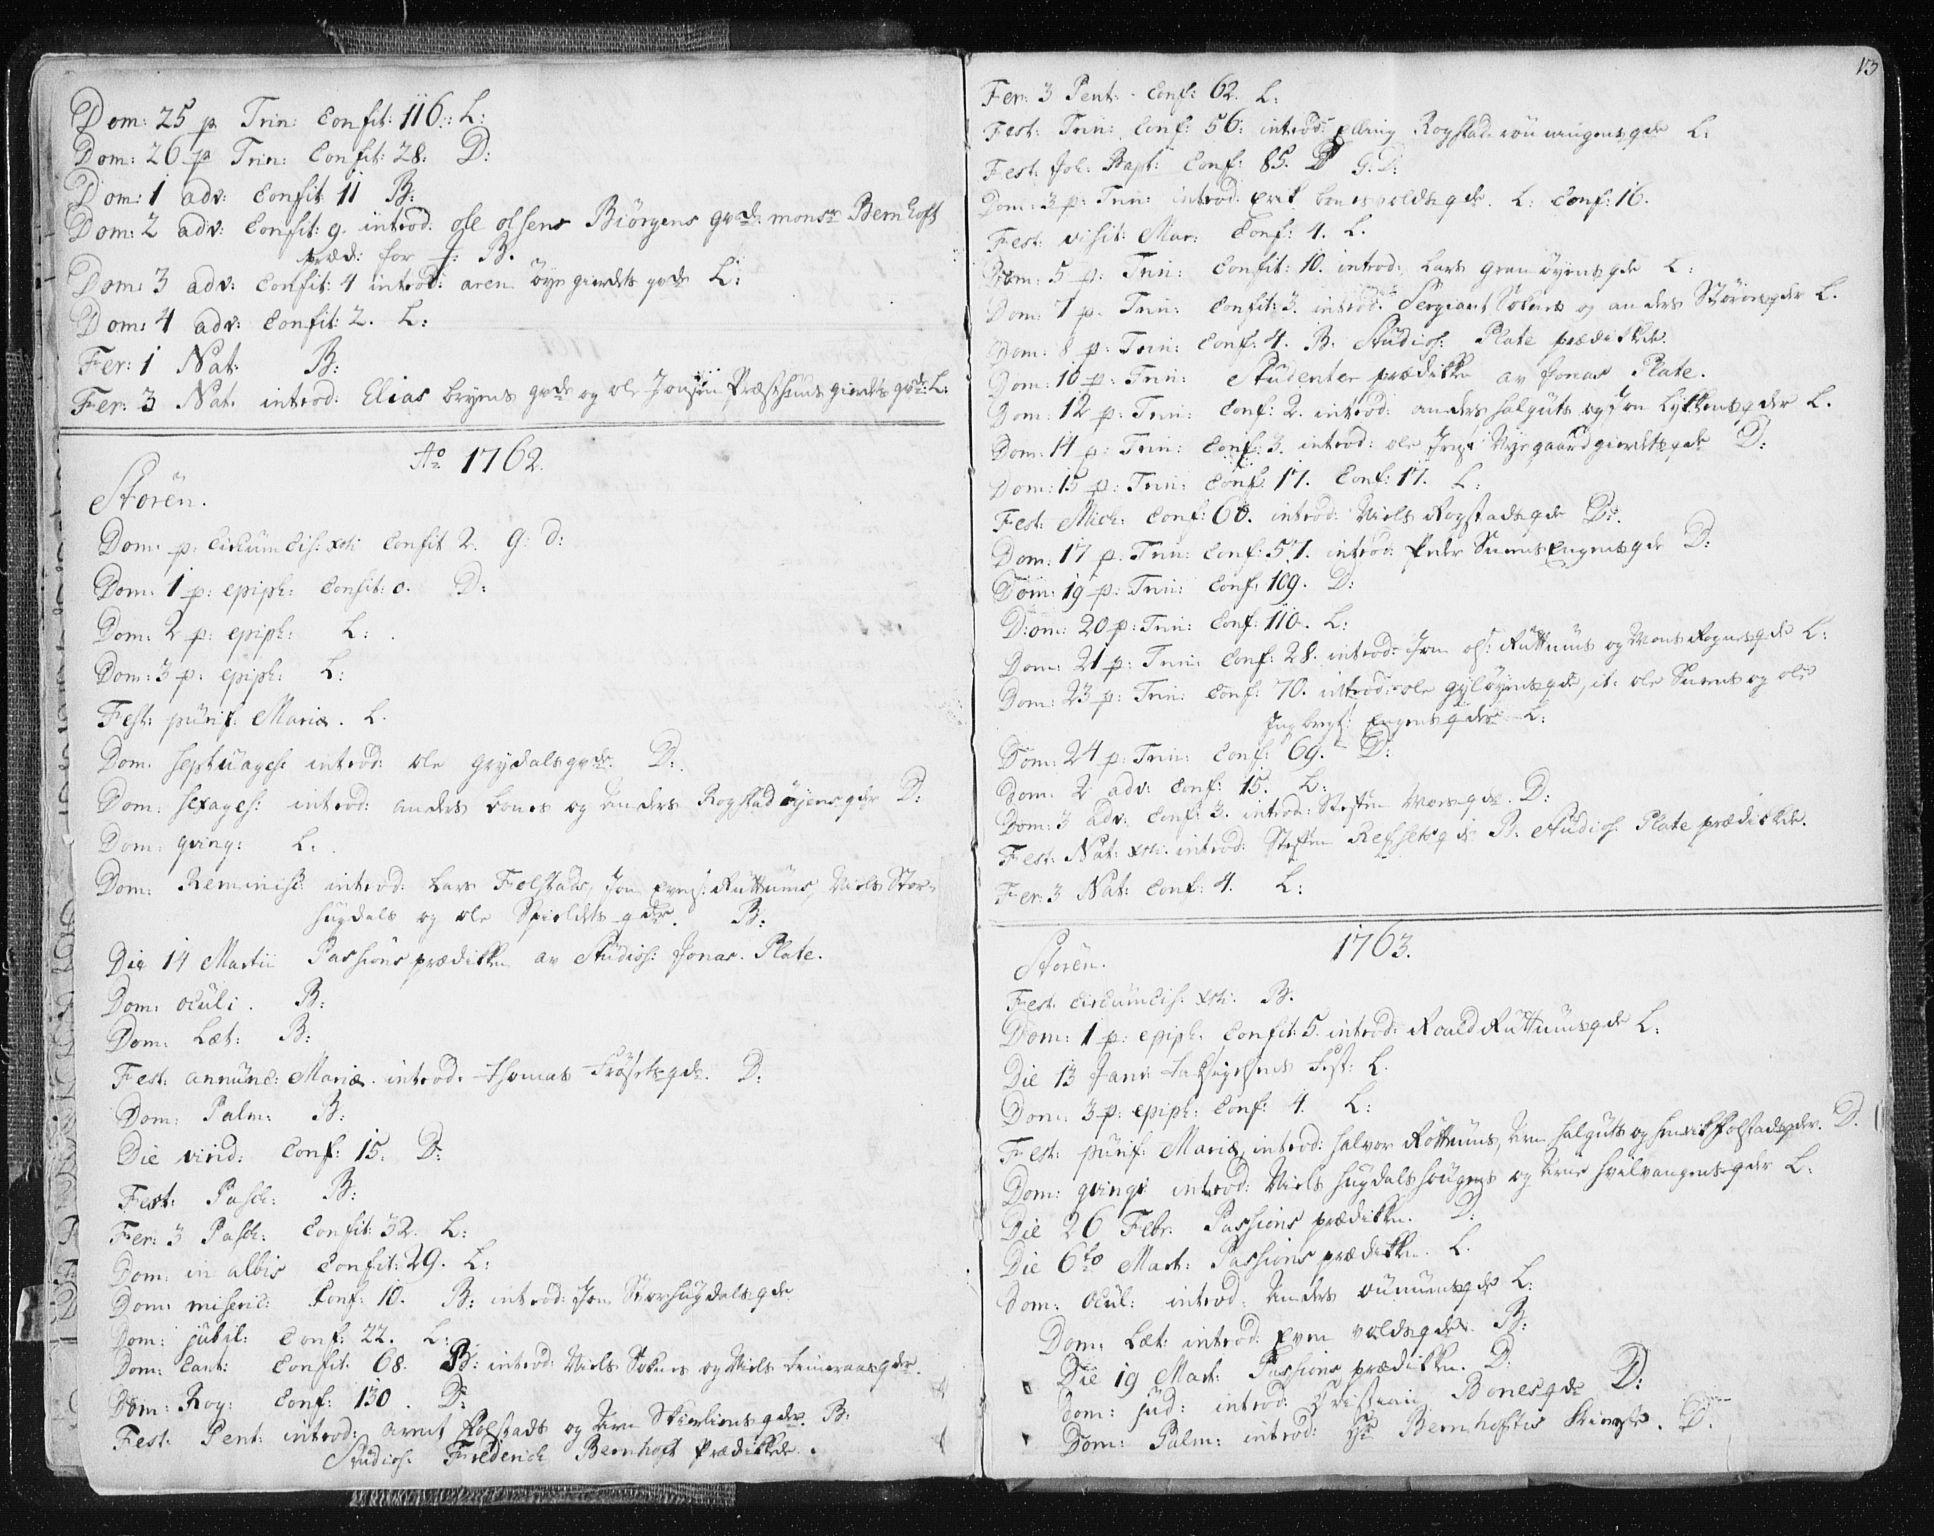 SAT, Ministerialprotokoller, klokkerbøker og fødselsregistre - Sør-Trøndelag, 687/L0991: Ministerialbok nr. 687A02, 1747-1790, s. 13